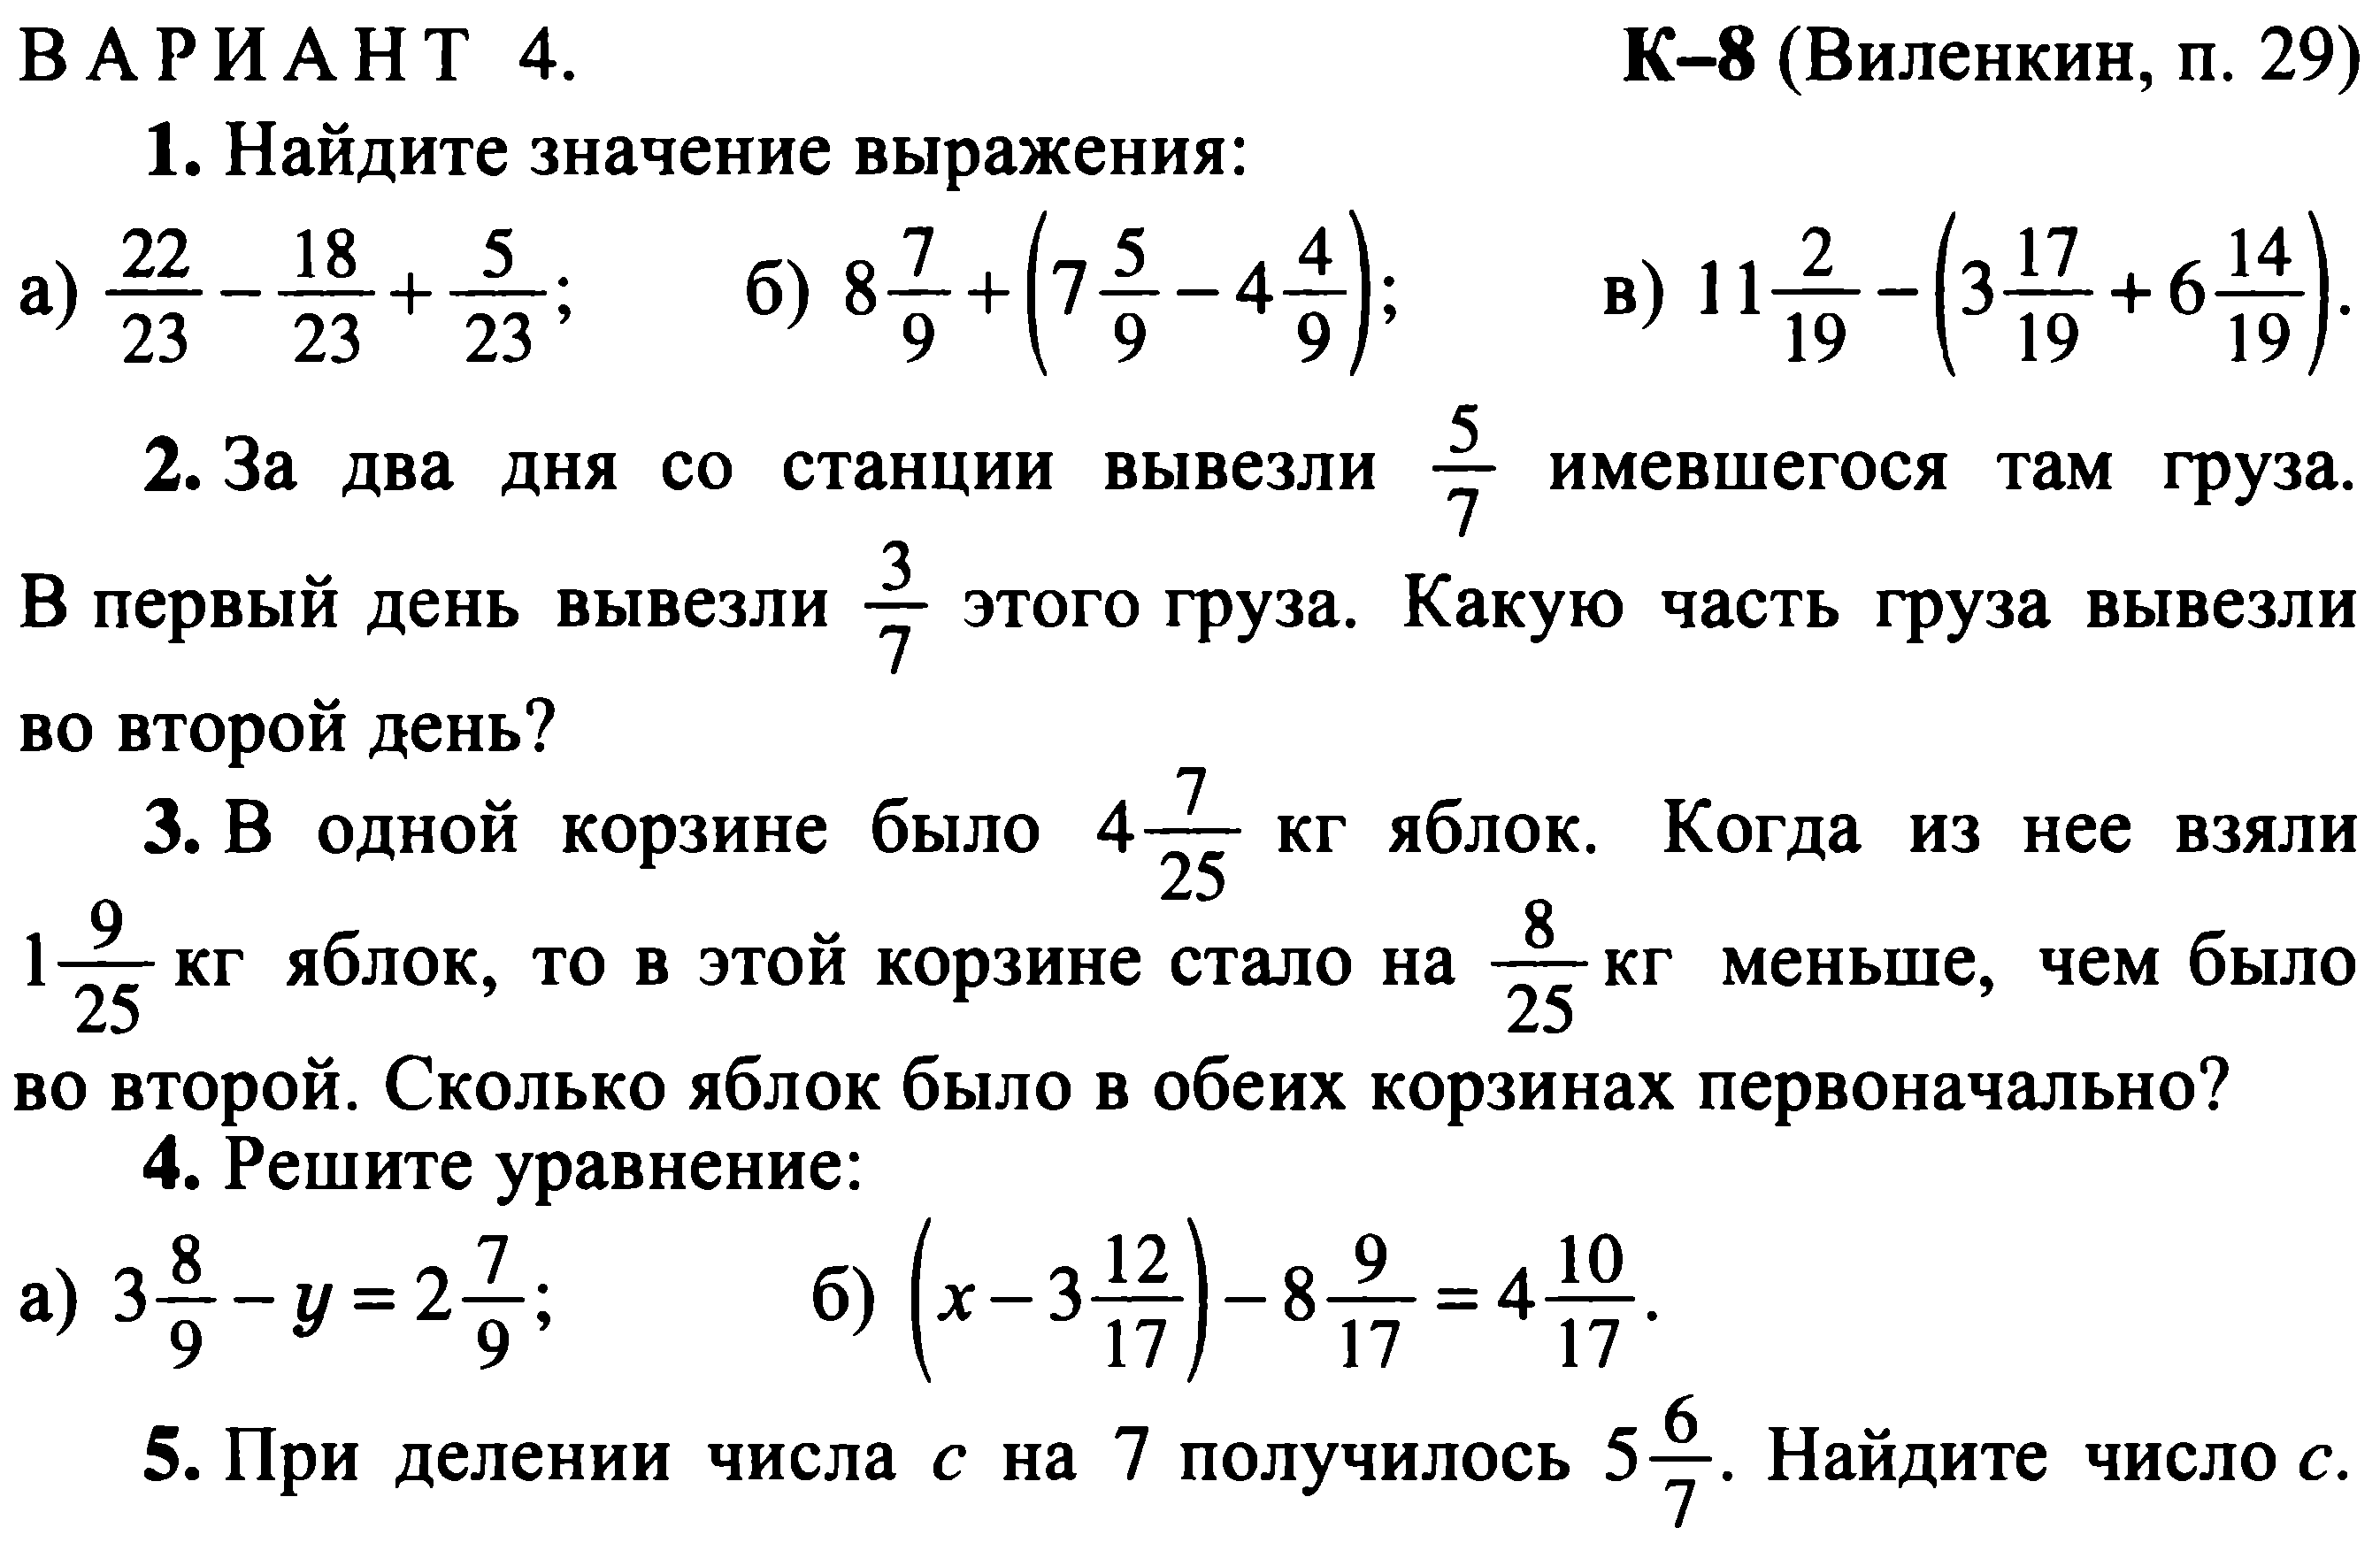 Контрольная Работа По Математике 5 Класс Деление Виленкин Решебник